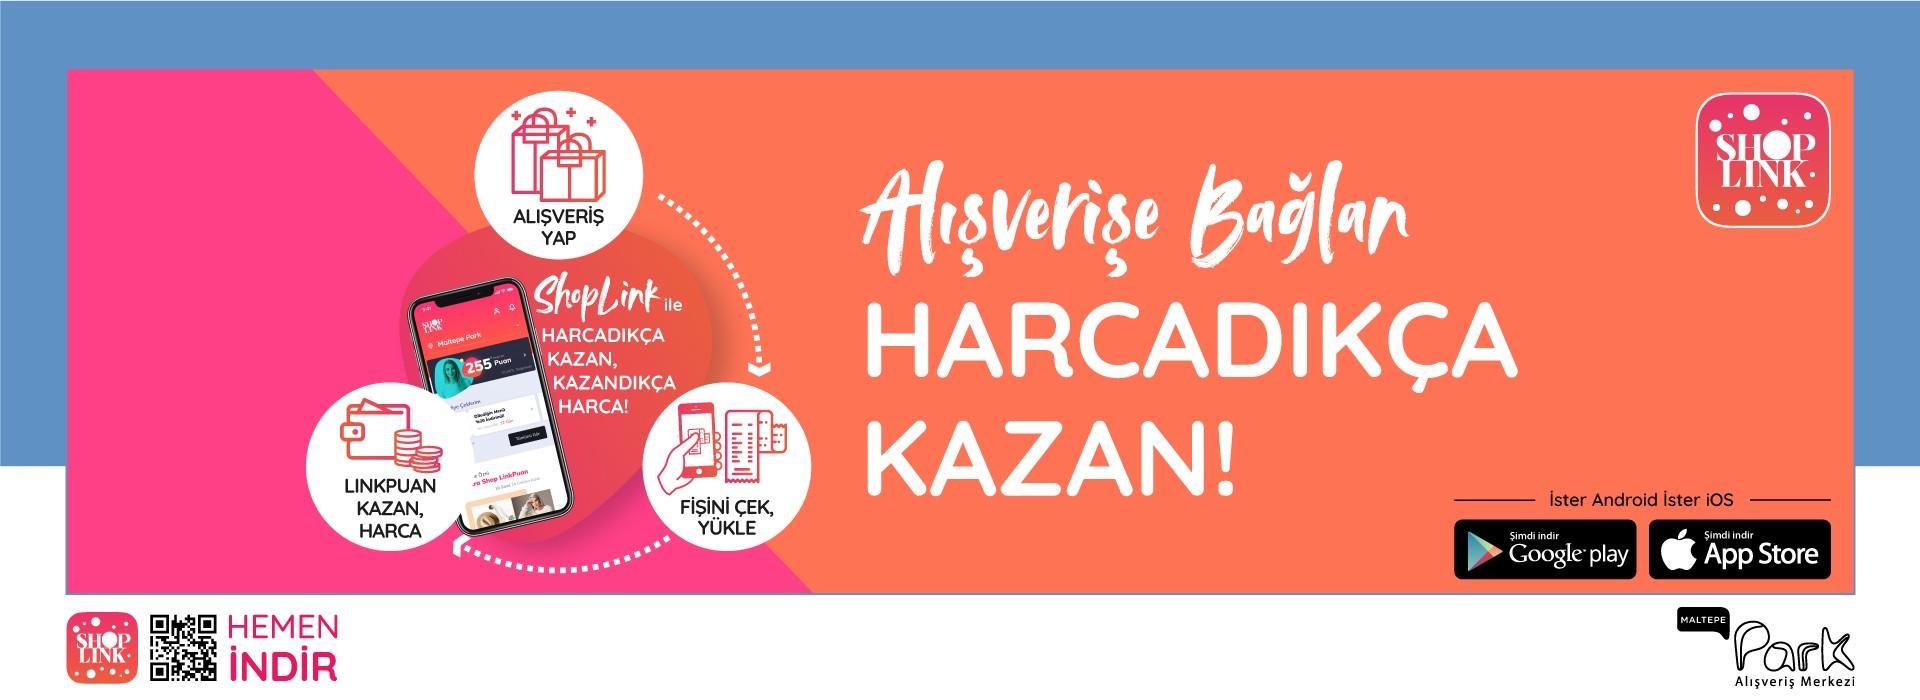 Maltepe Park'ta ShopLink ile Harcadıkça Kazan!